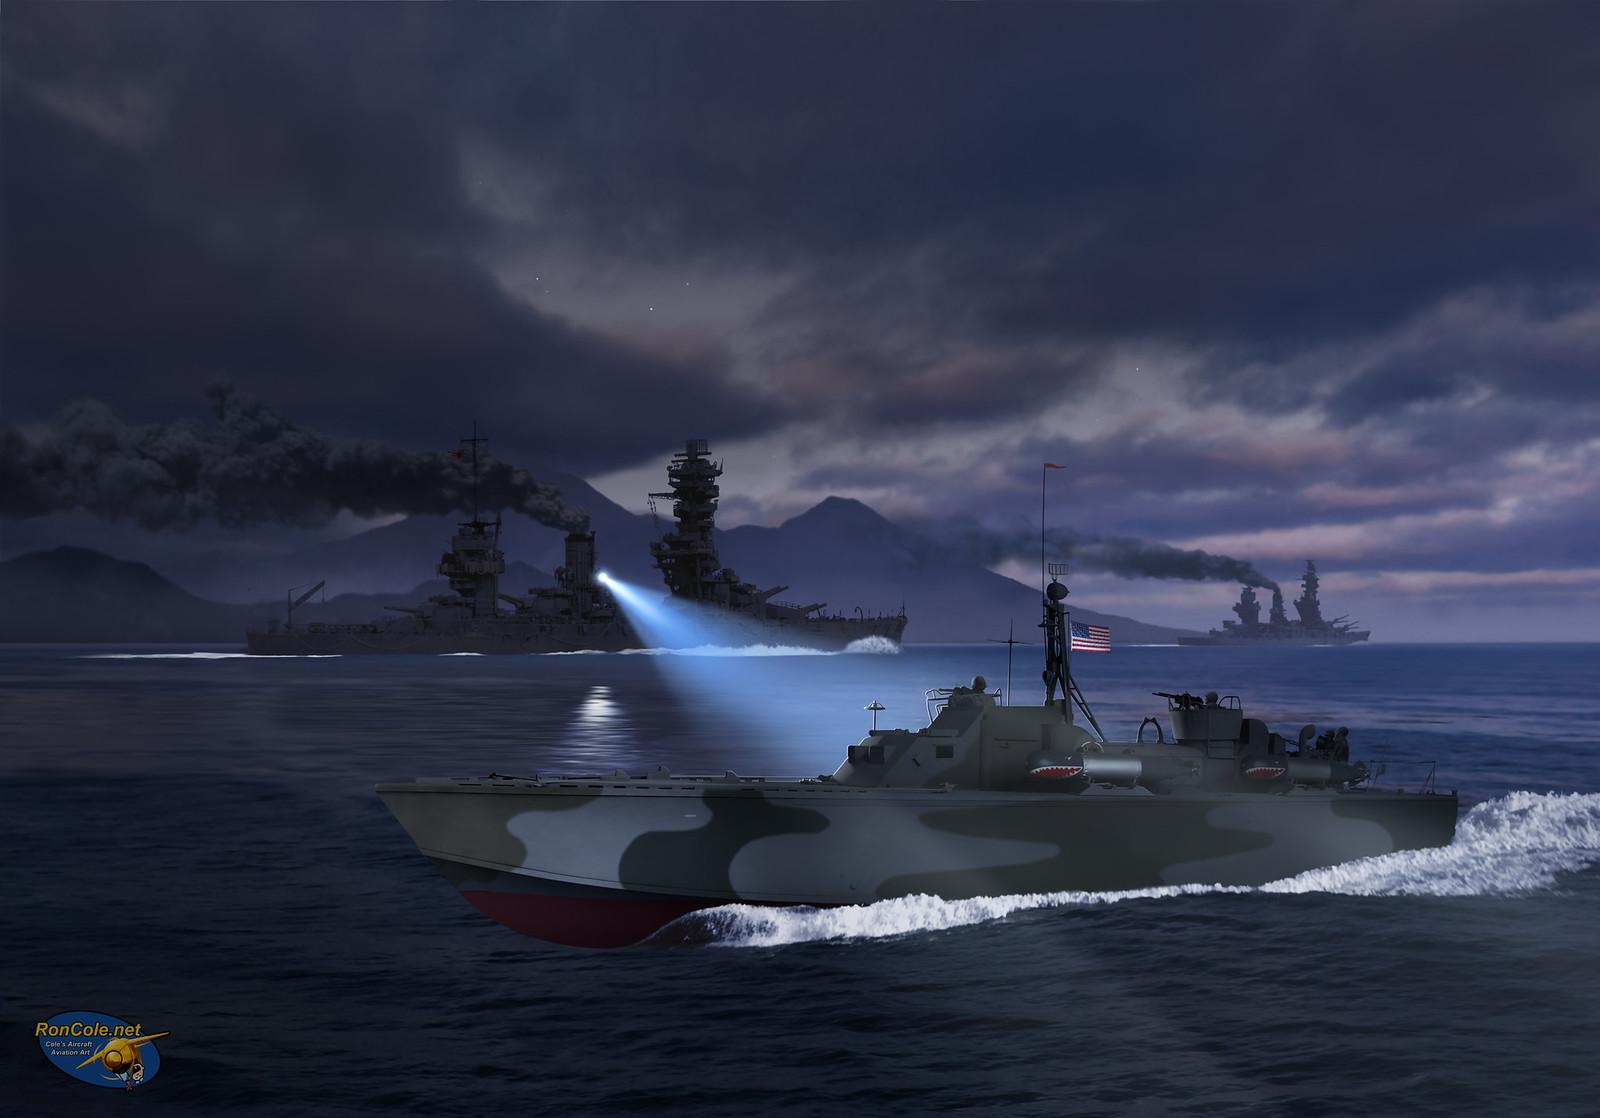 рисунок The Battle of Surigao Strait